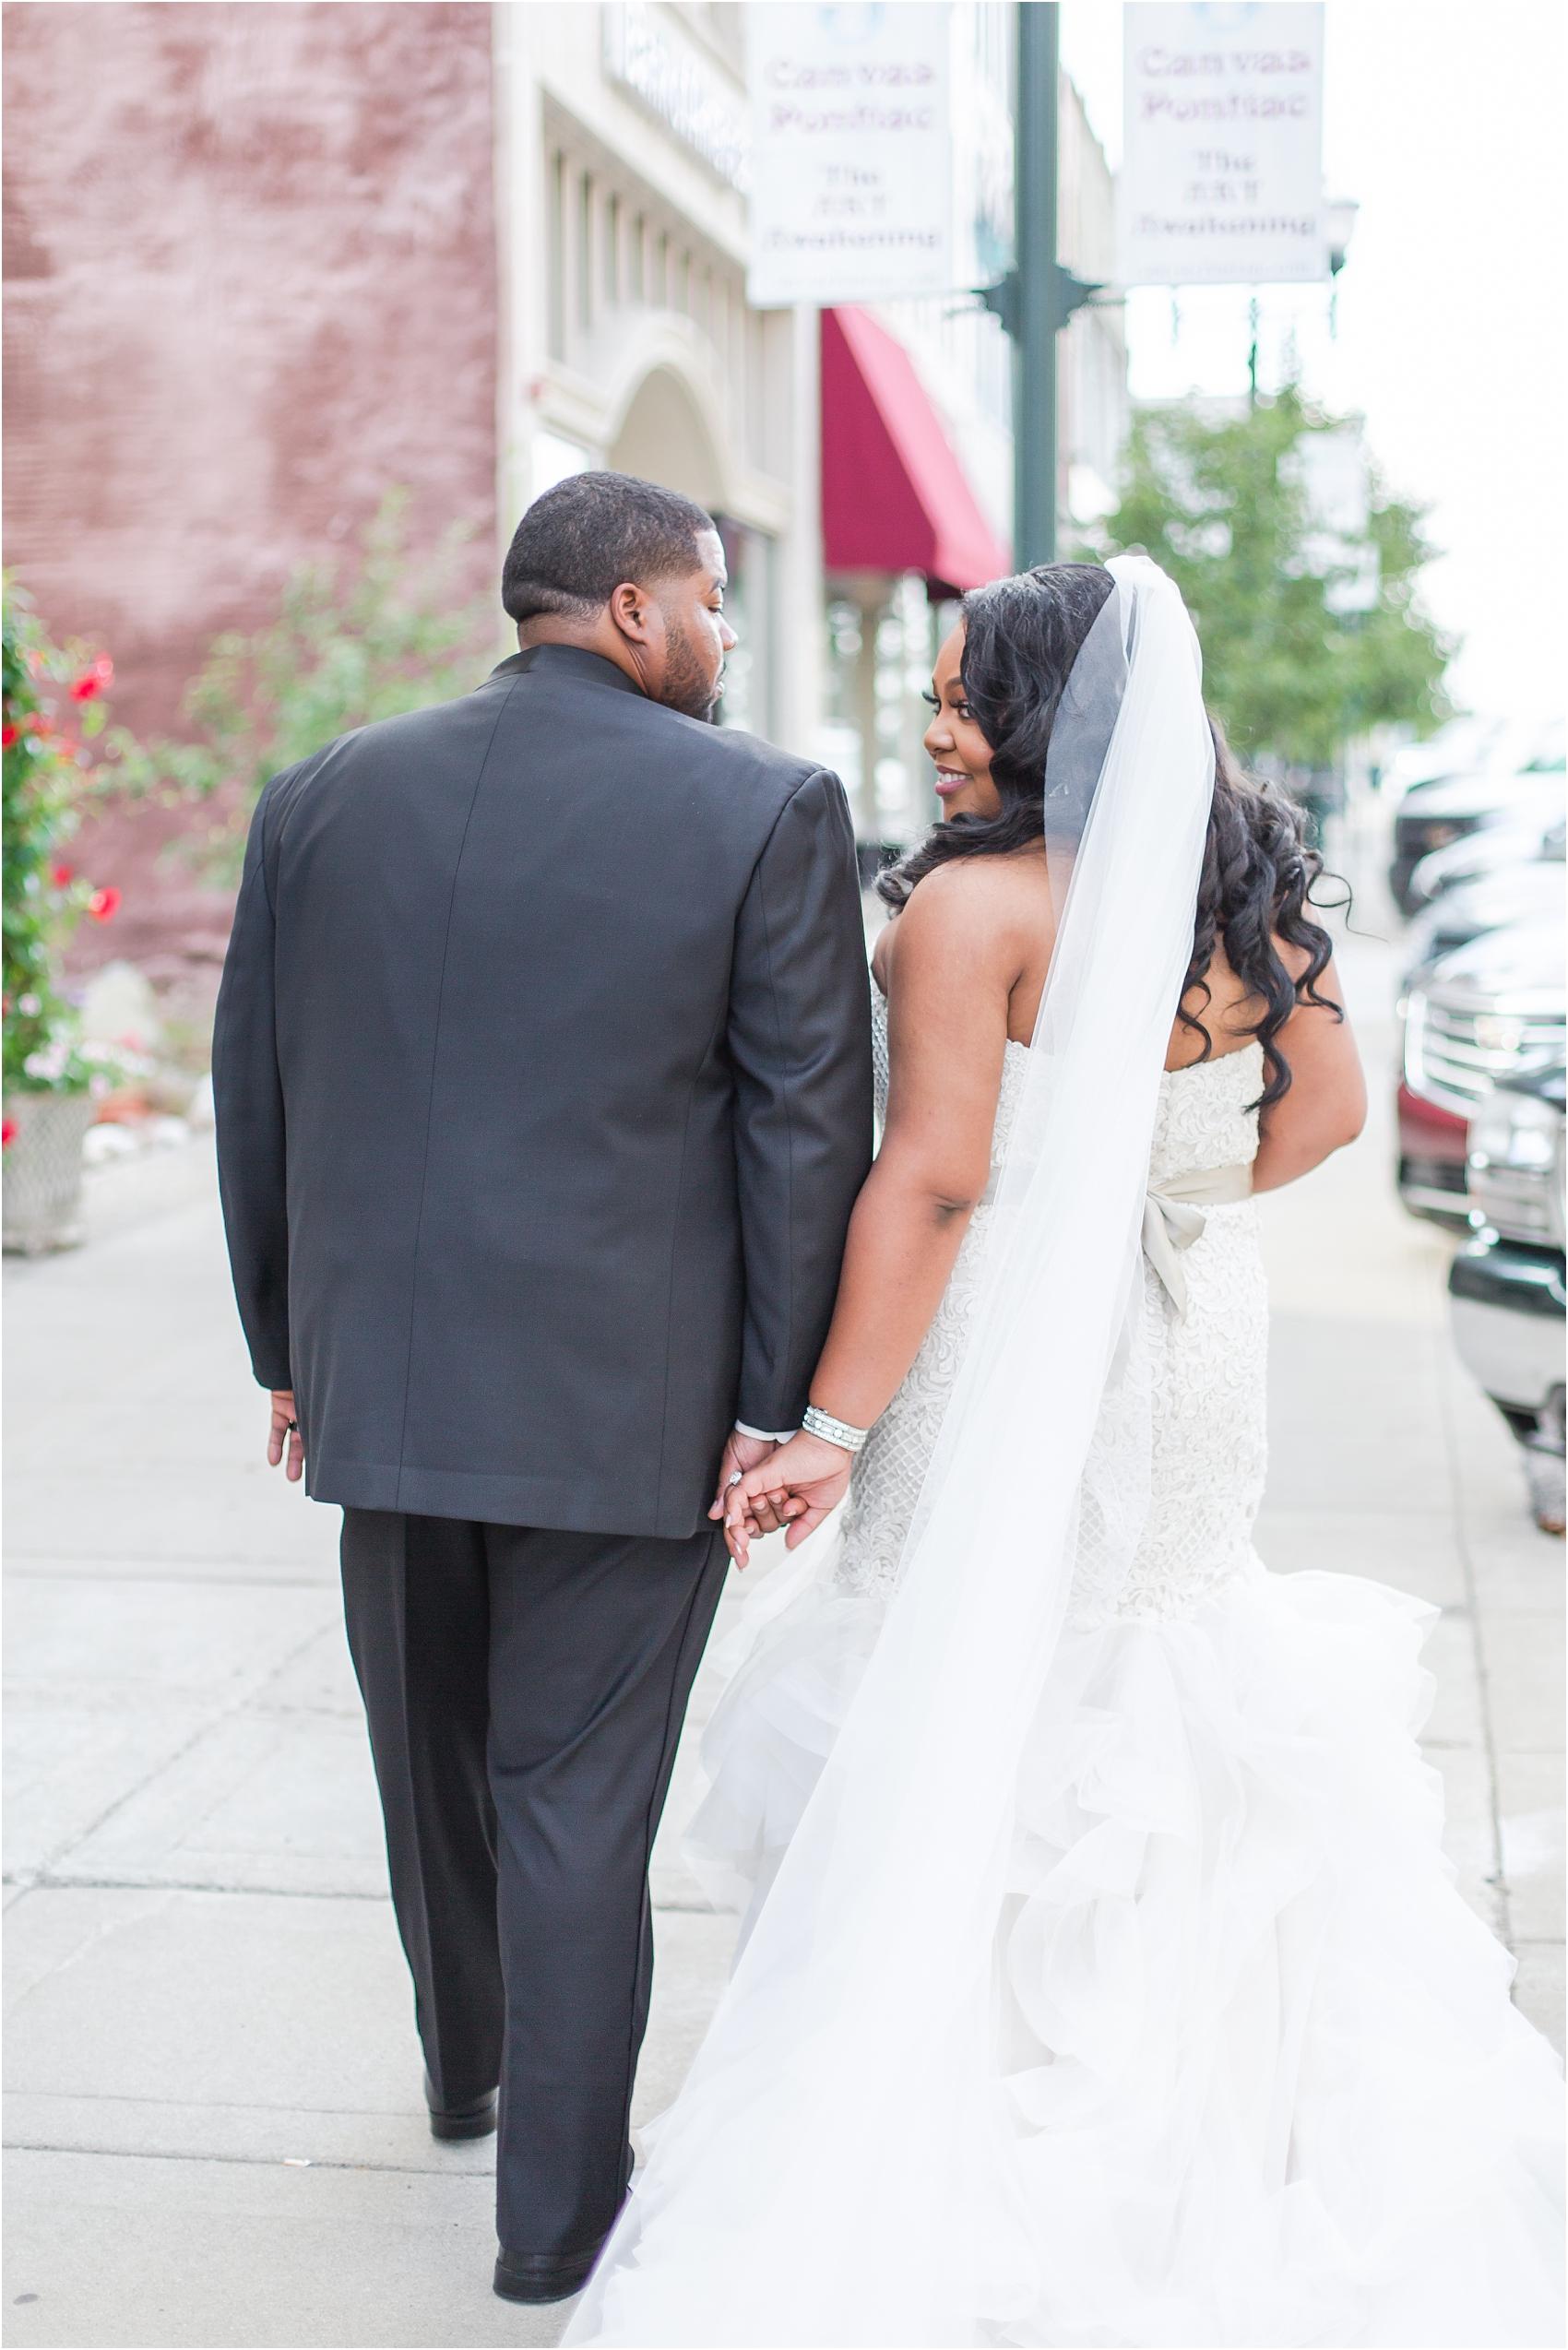 minimalist-and-modern-wedding-photos-at-30-north-saginaw-in-pontiac-michigan-by-courtney-carolyn-photography_0055.jpg